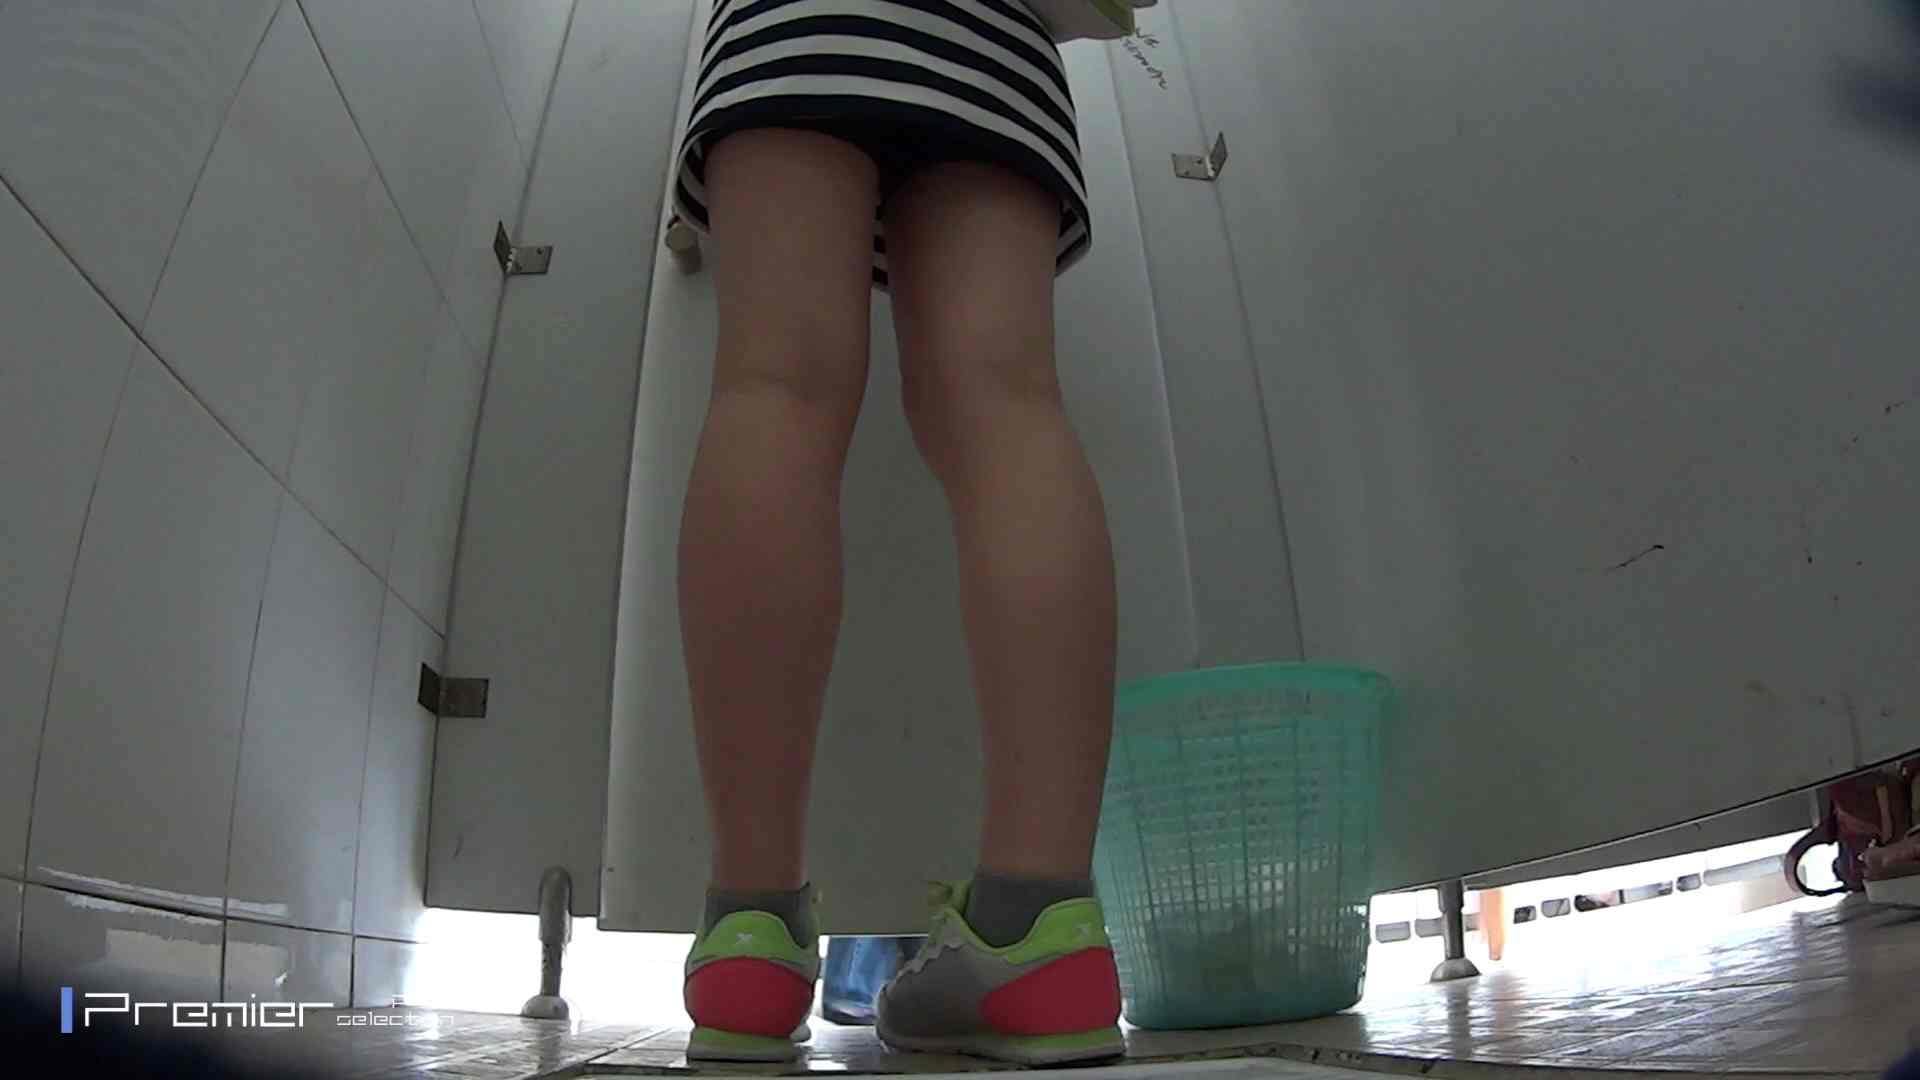 美しい女良たちのトイレ事情 有名大学休憩時間の洗面所事情06 盗撮編 | お姉さんのSEX  90枚 49